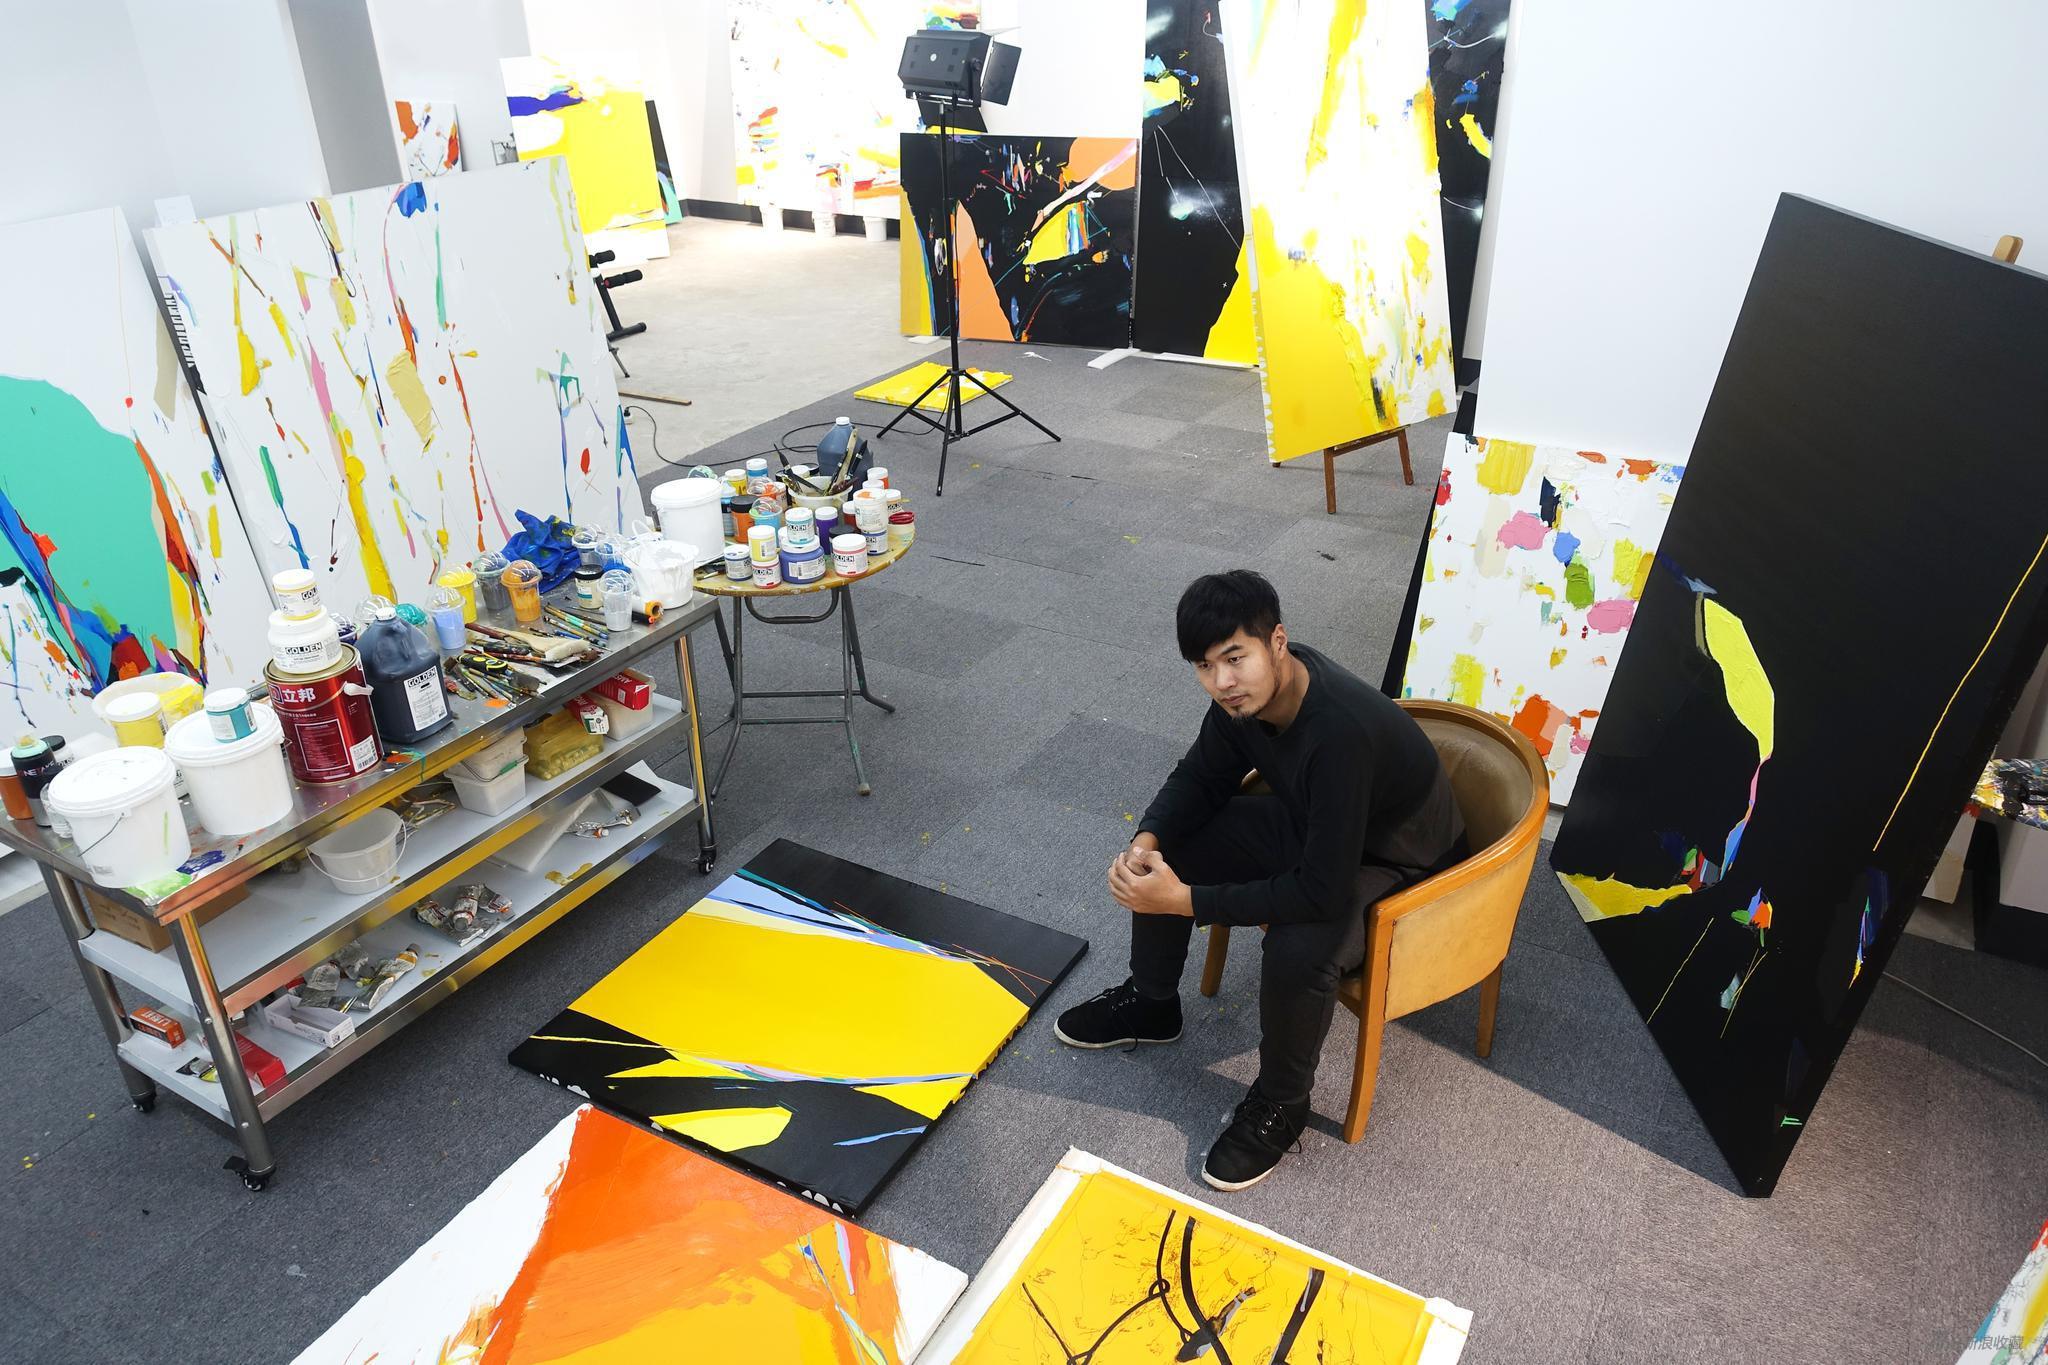 朱佩鸿在工作室中